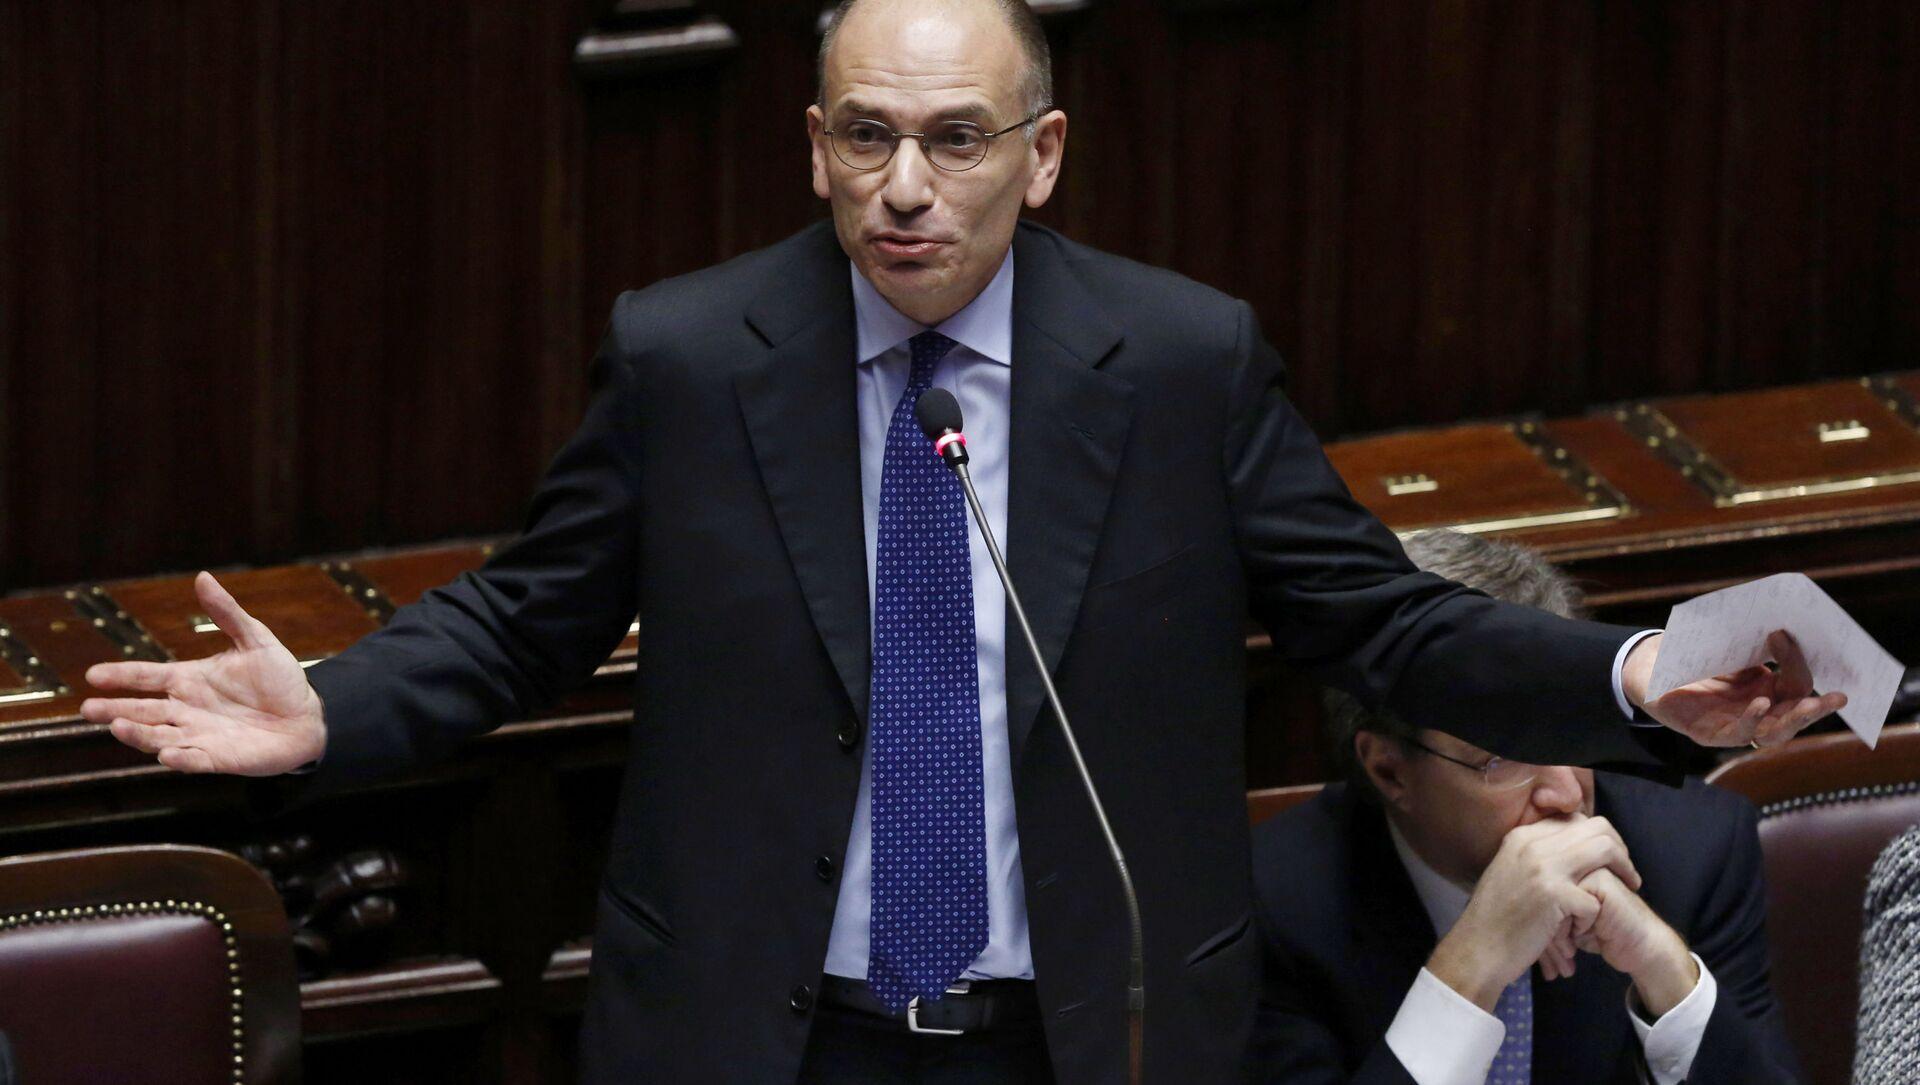 Enrico Letta, segretario del Partito Democratico - Sputnik Italia, 1920, 15.05.2021